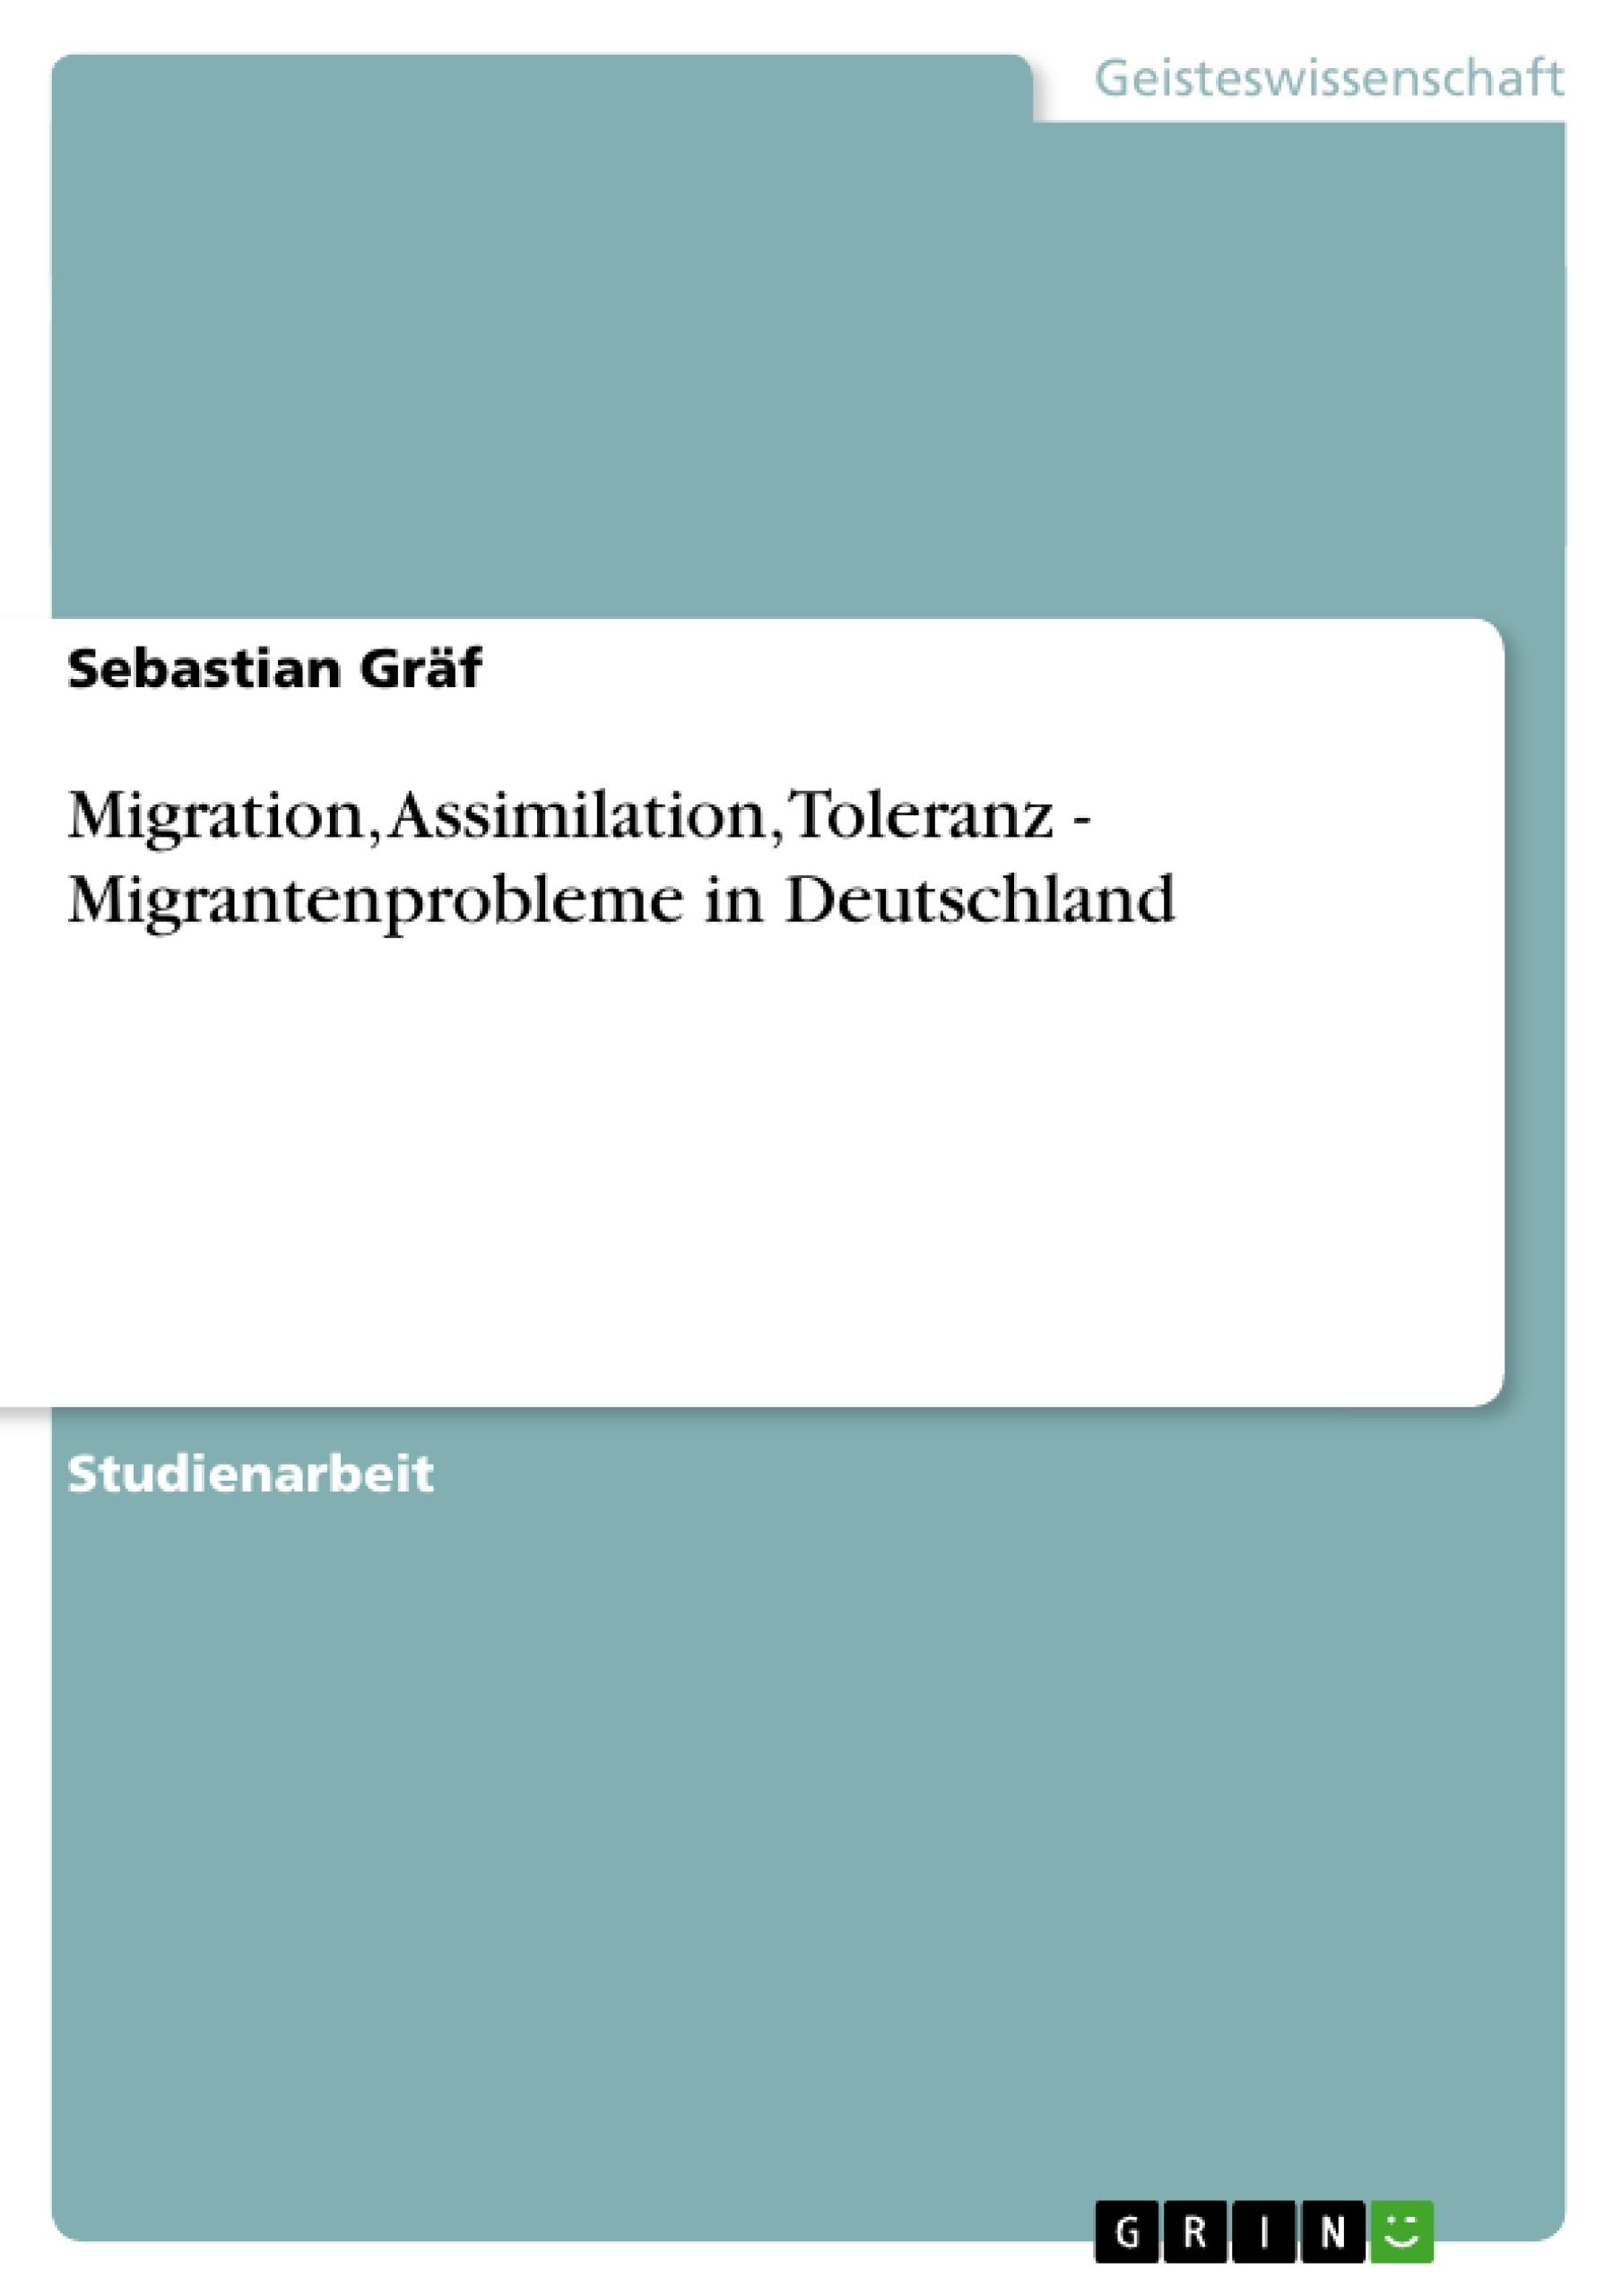 Titel: Migration, Assimilation, Toleranz - Migrantenprobleme in Deutschland